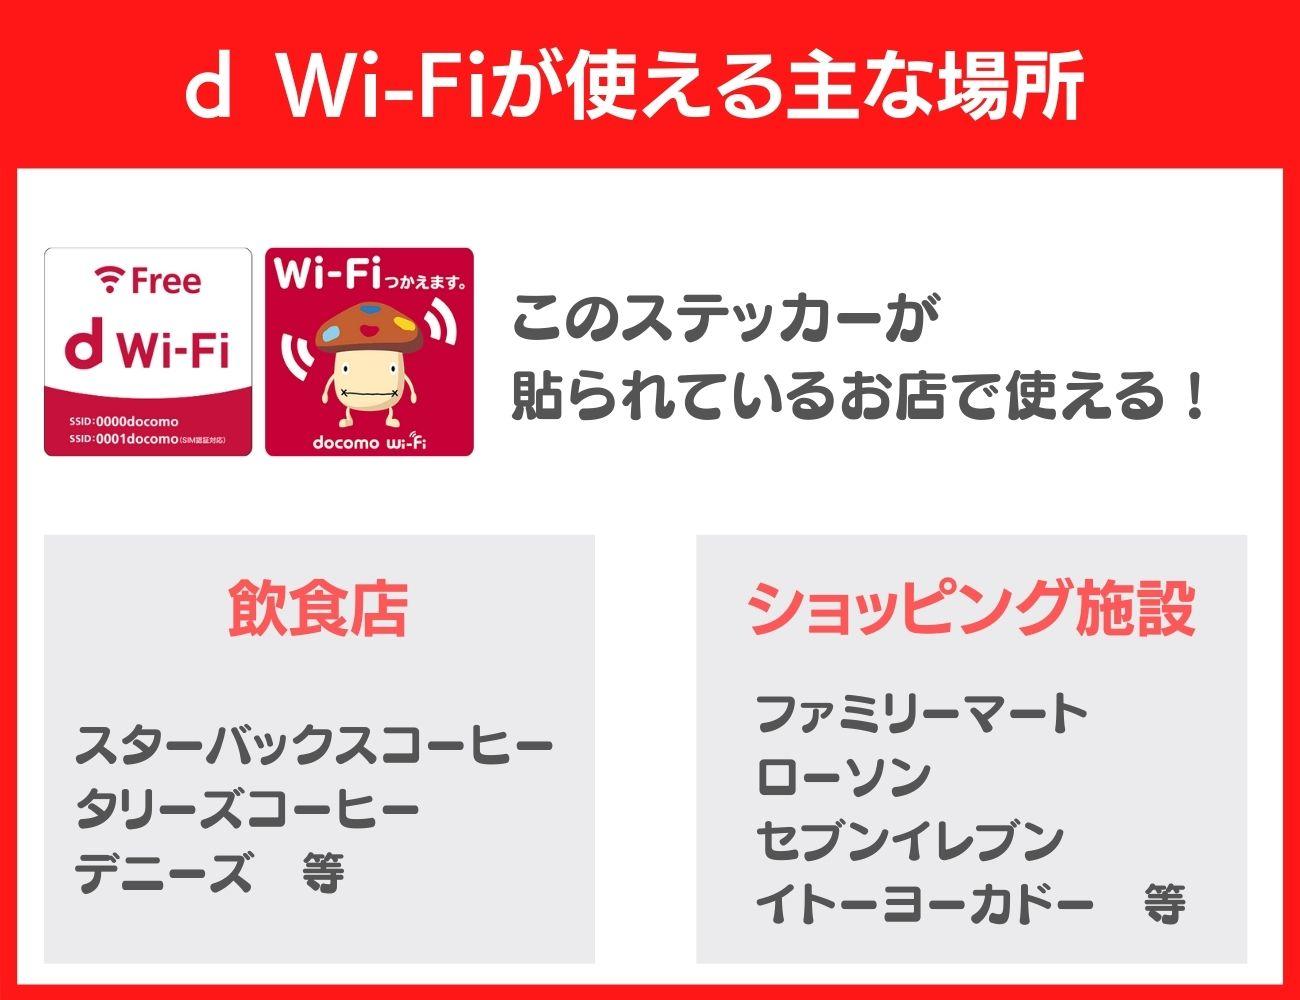 d Wi-Fiが使える主な場所